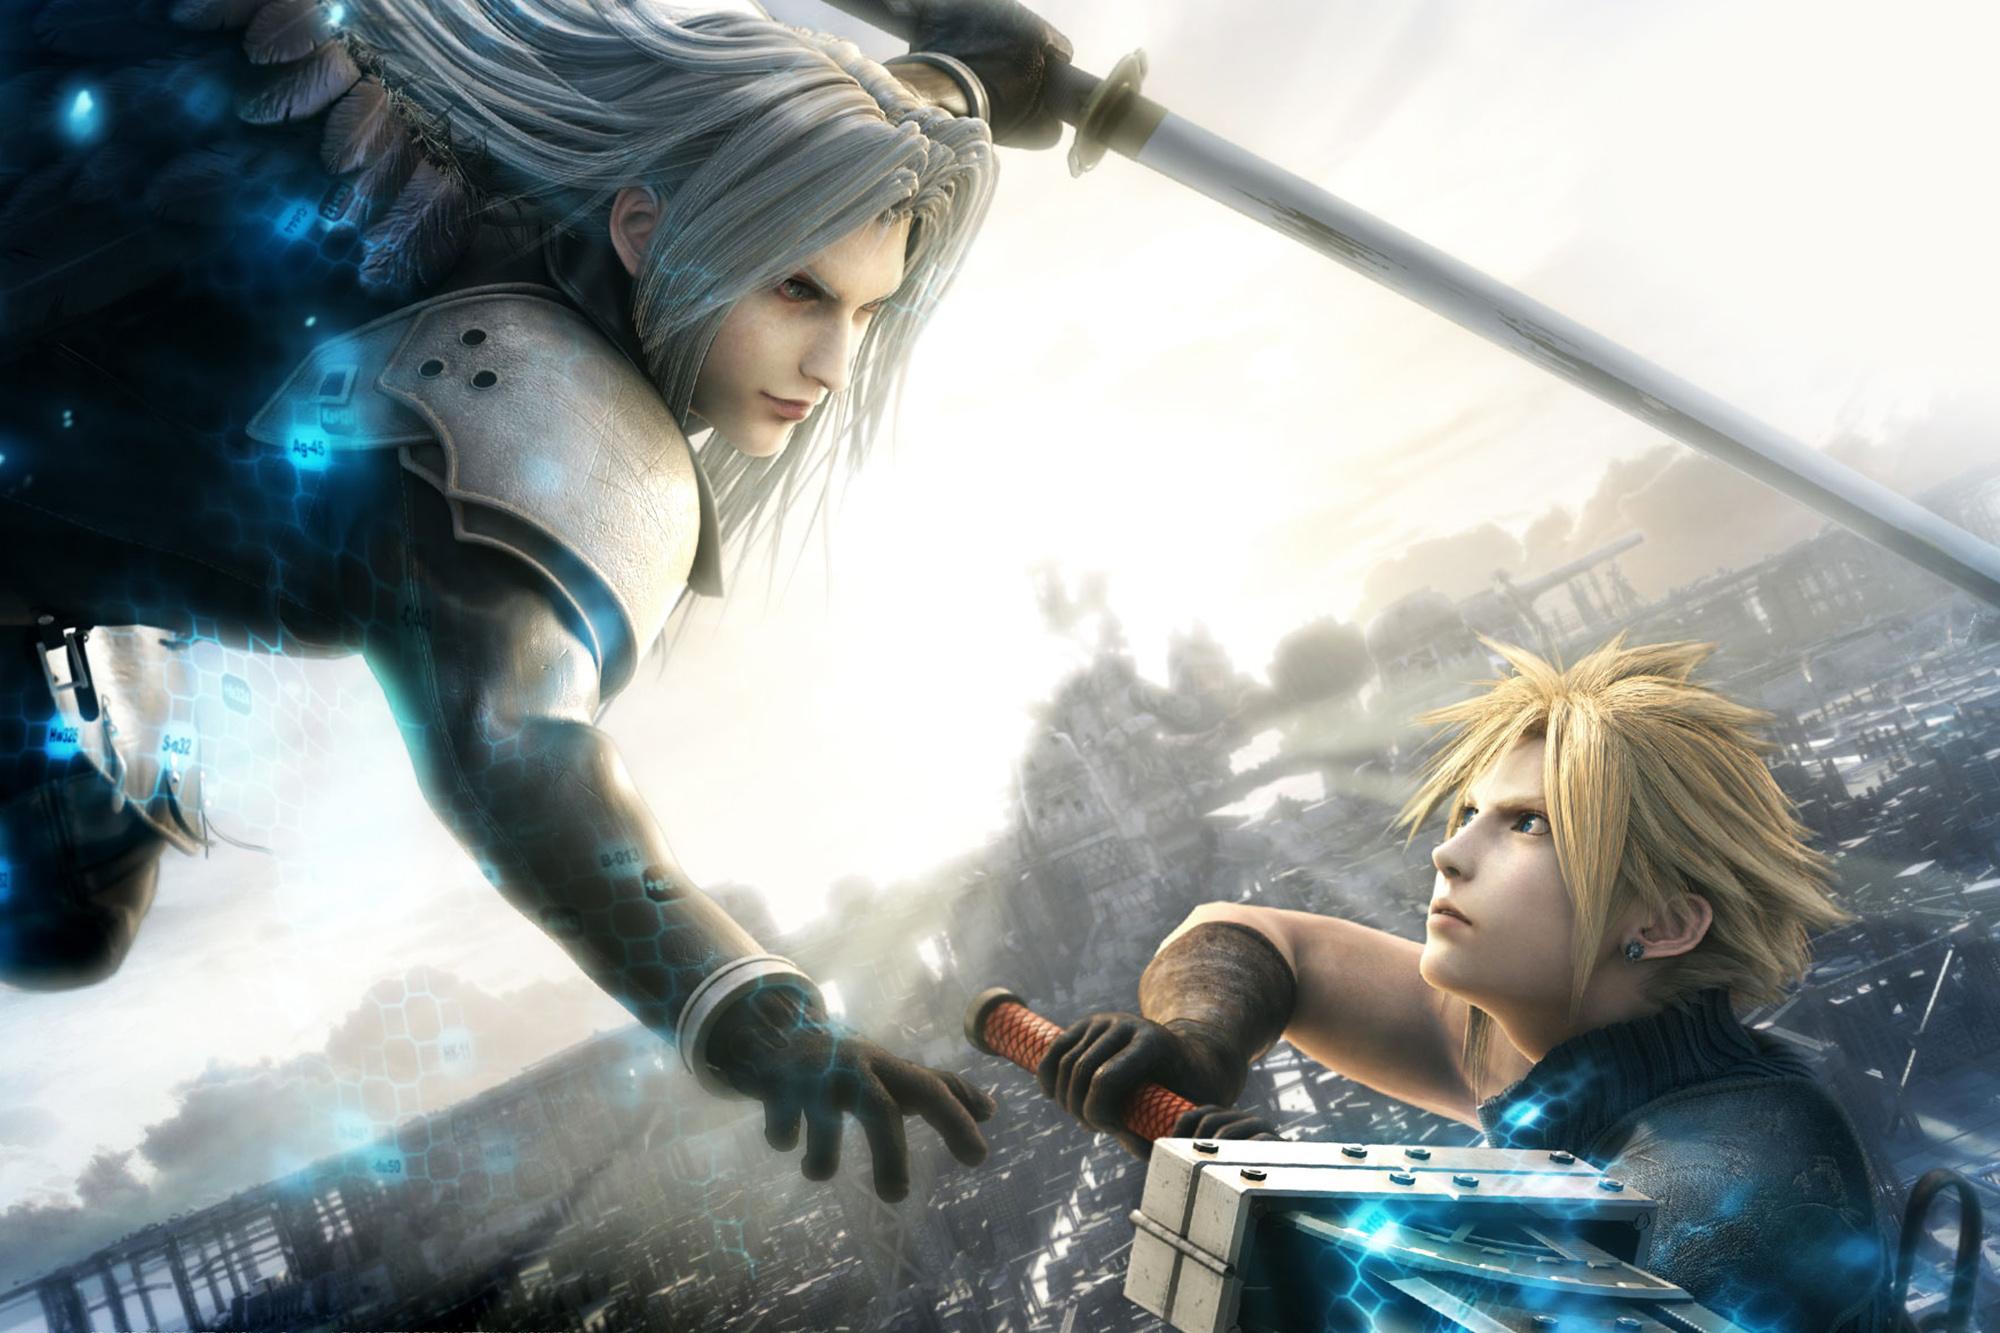 Remake de Final Fantasy 7 pode se tornar realidade Real Nerd 2000x1333